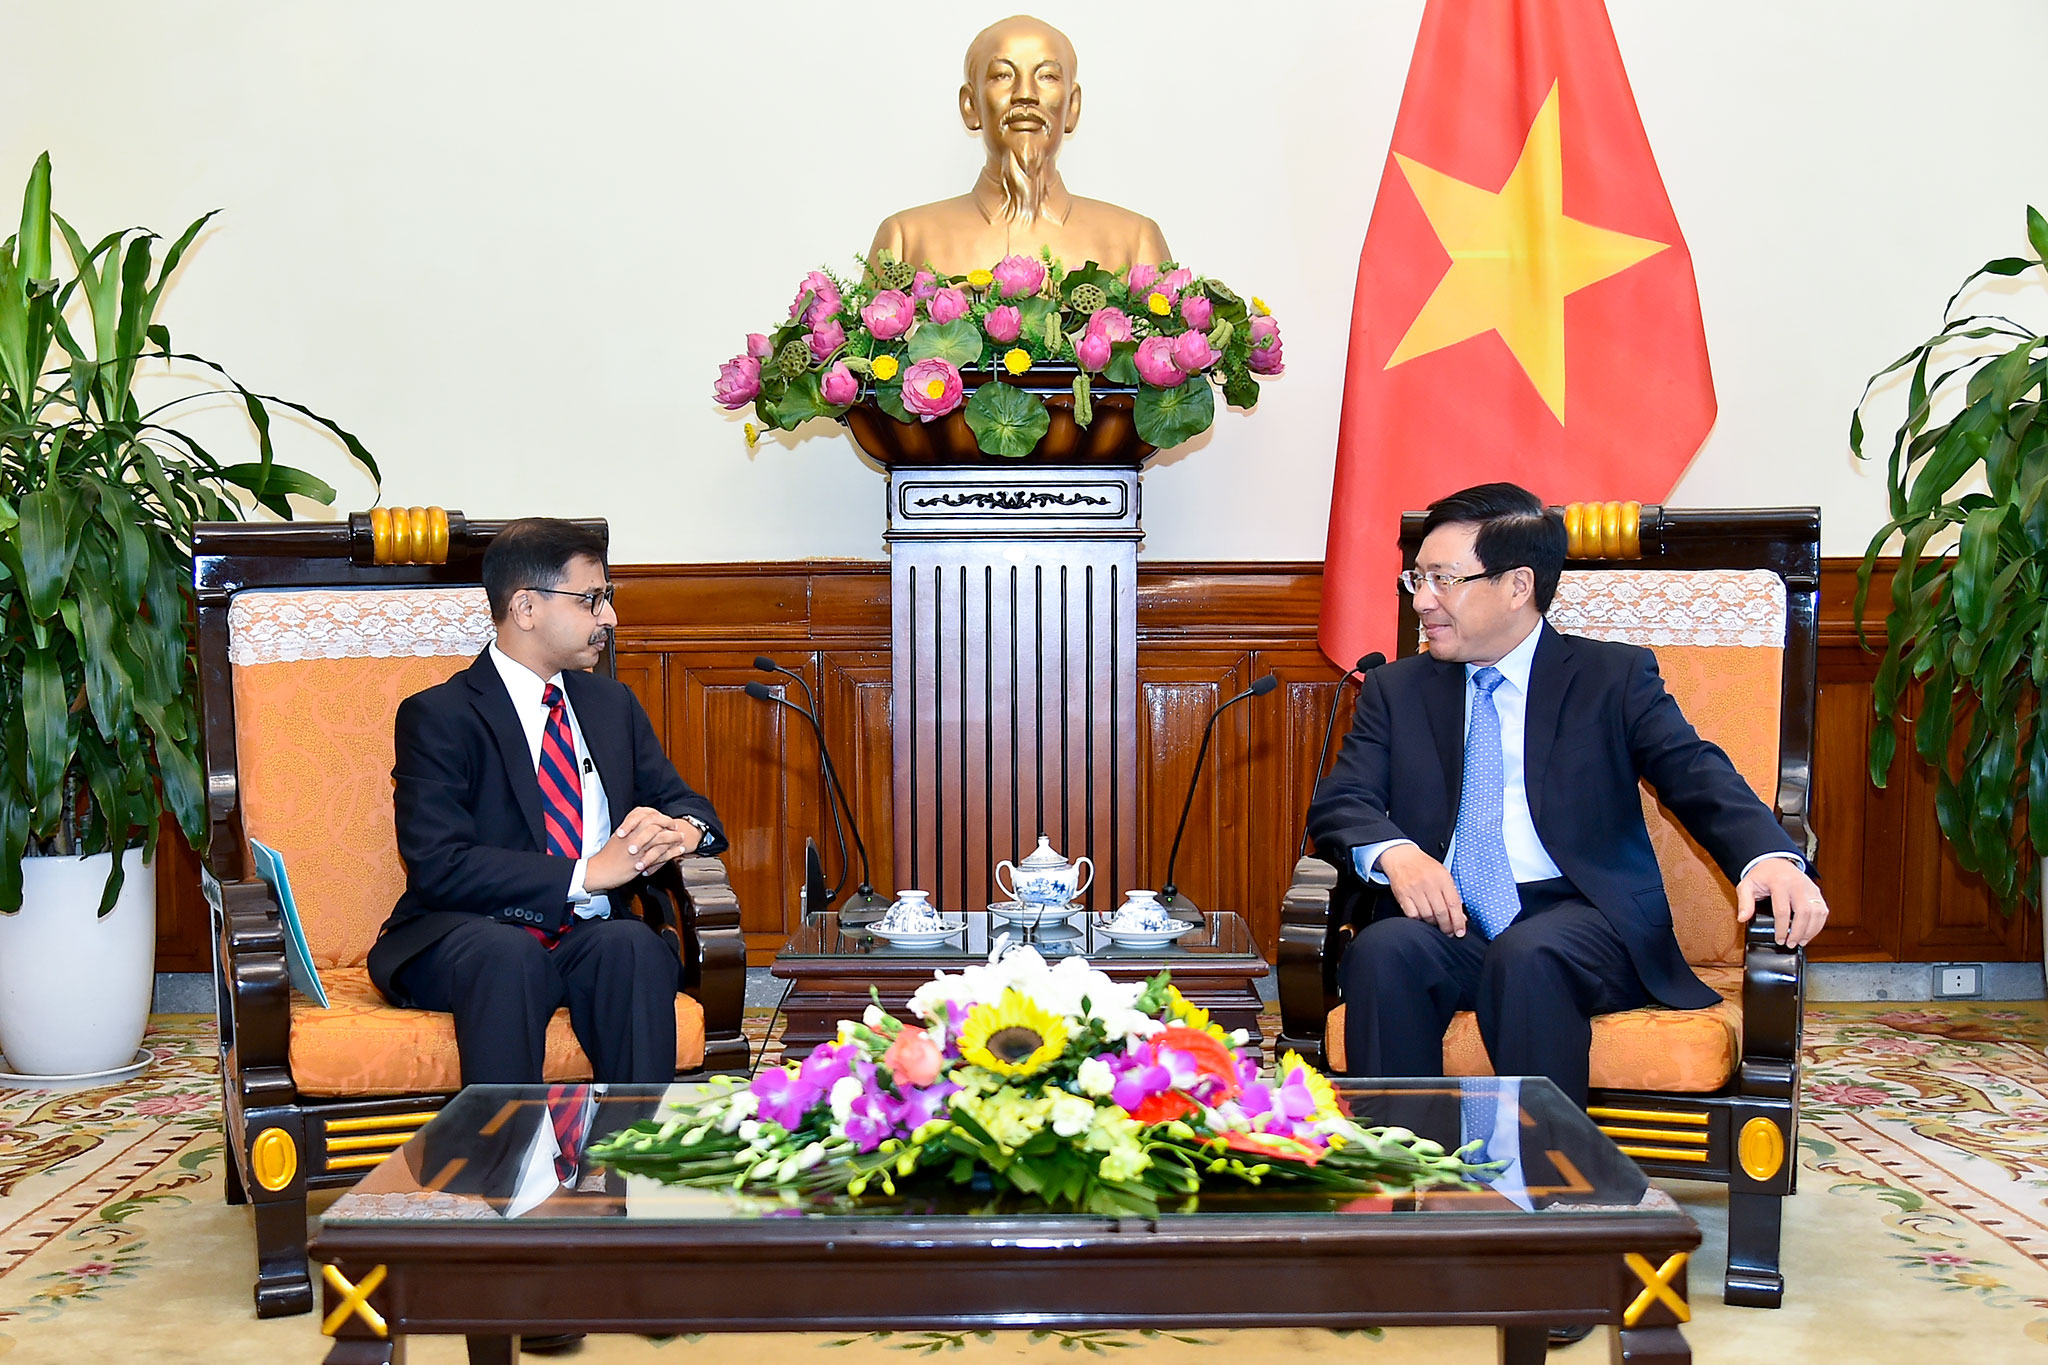 Việt Nam ủng hộ chính sách Hành động Hướng Đông của Ấn Độ